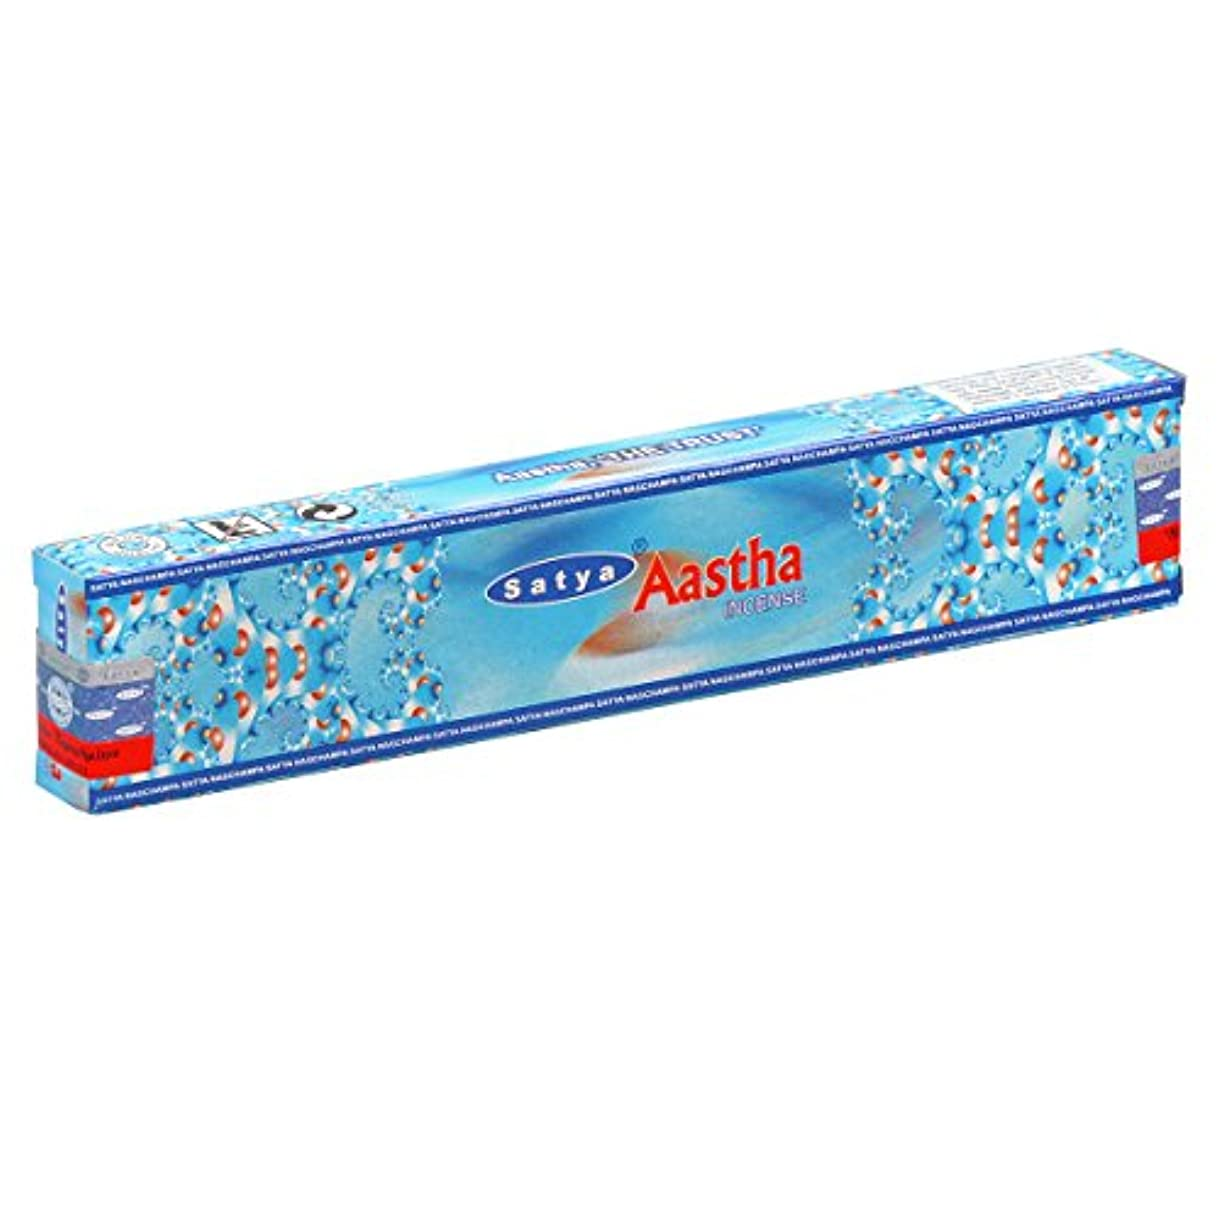 予防接種少年顕著SATYA(サティヤ) アースタ Aastha スティックタイプ お香 1箱 単品 [並行輸入品]